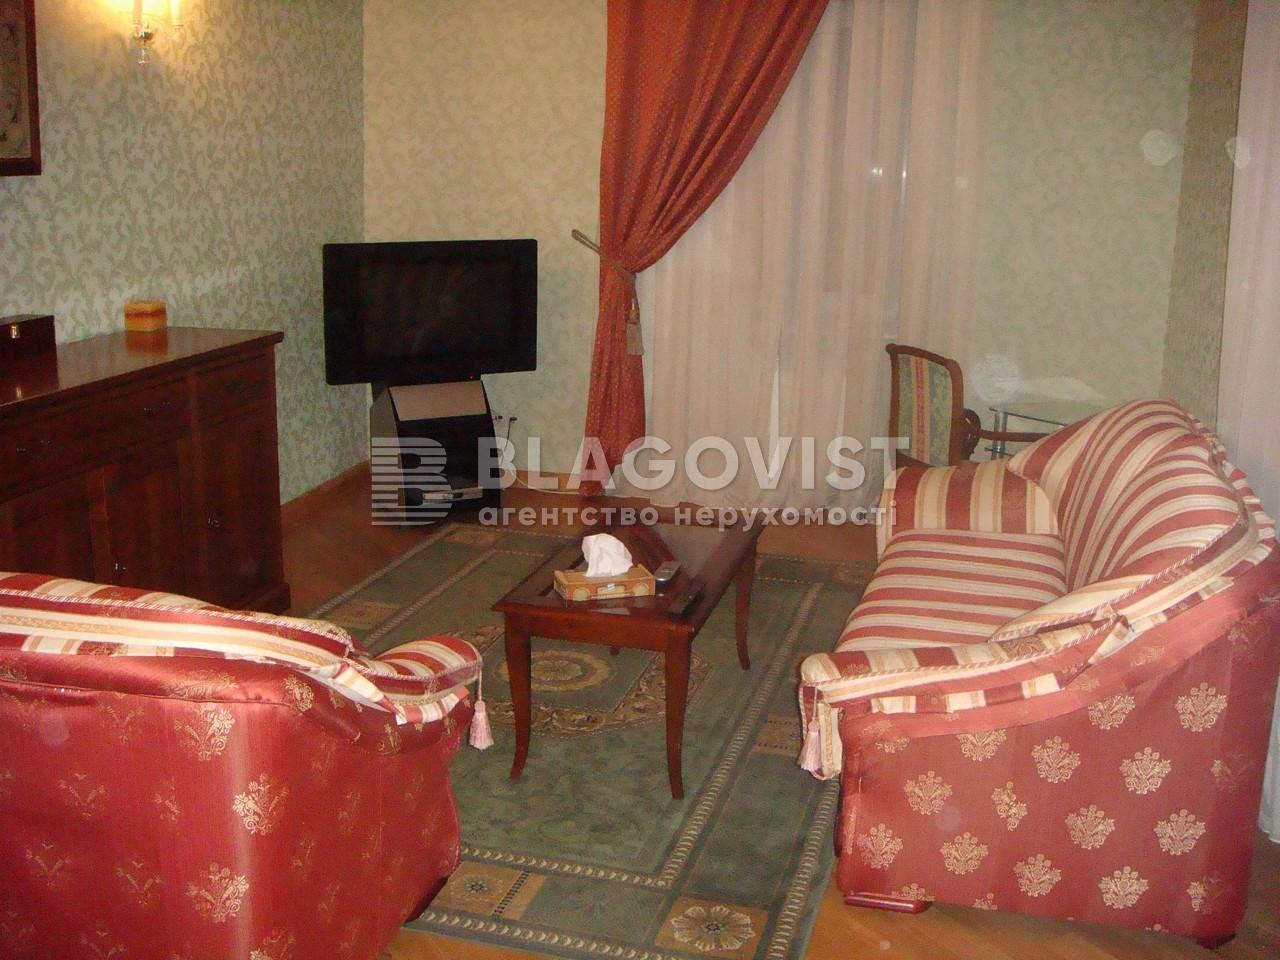 Квартира E-13824, Заньковецкой, 3/1, Киев - Фото 5